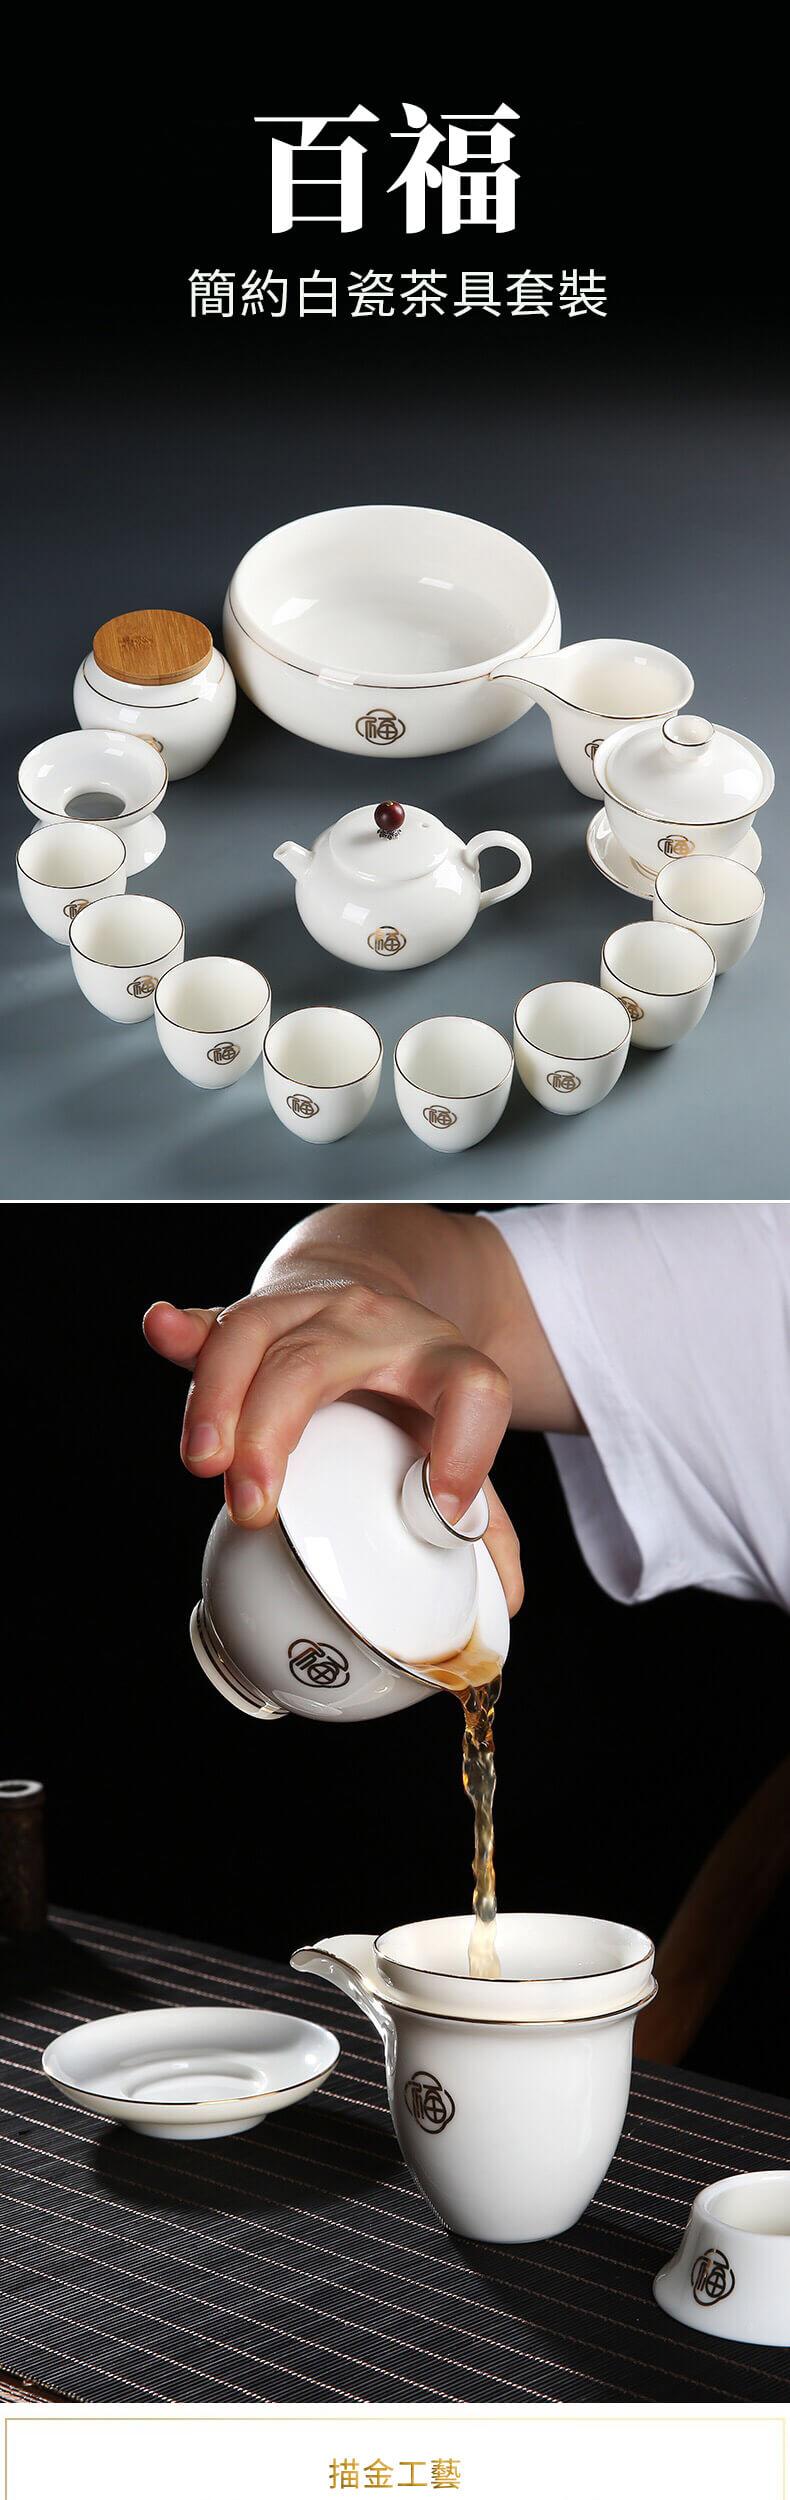 簡約白瓷茶具套裝_01.jpg